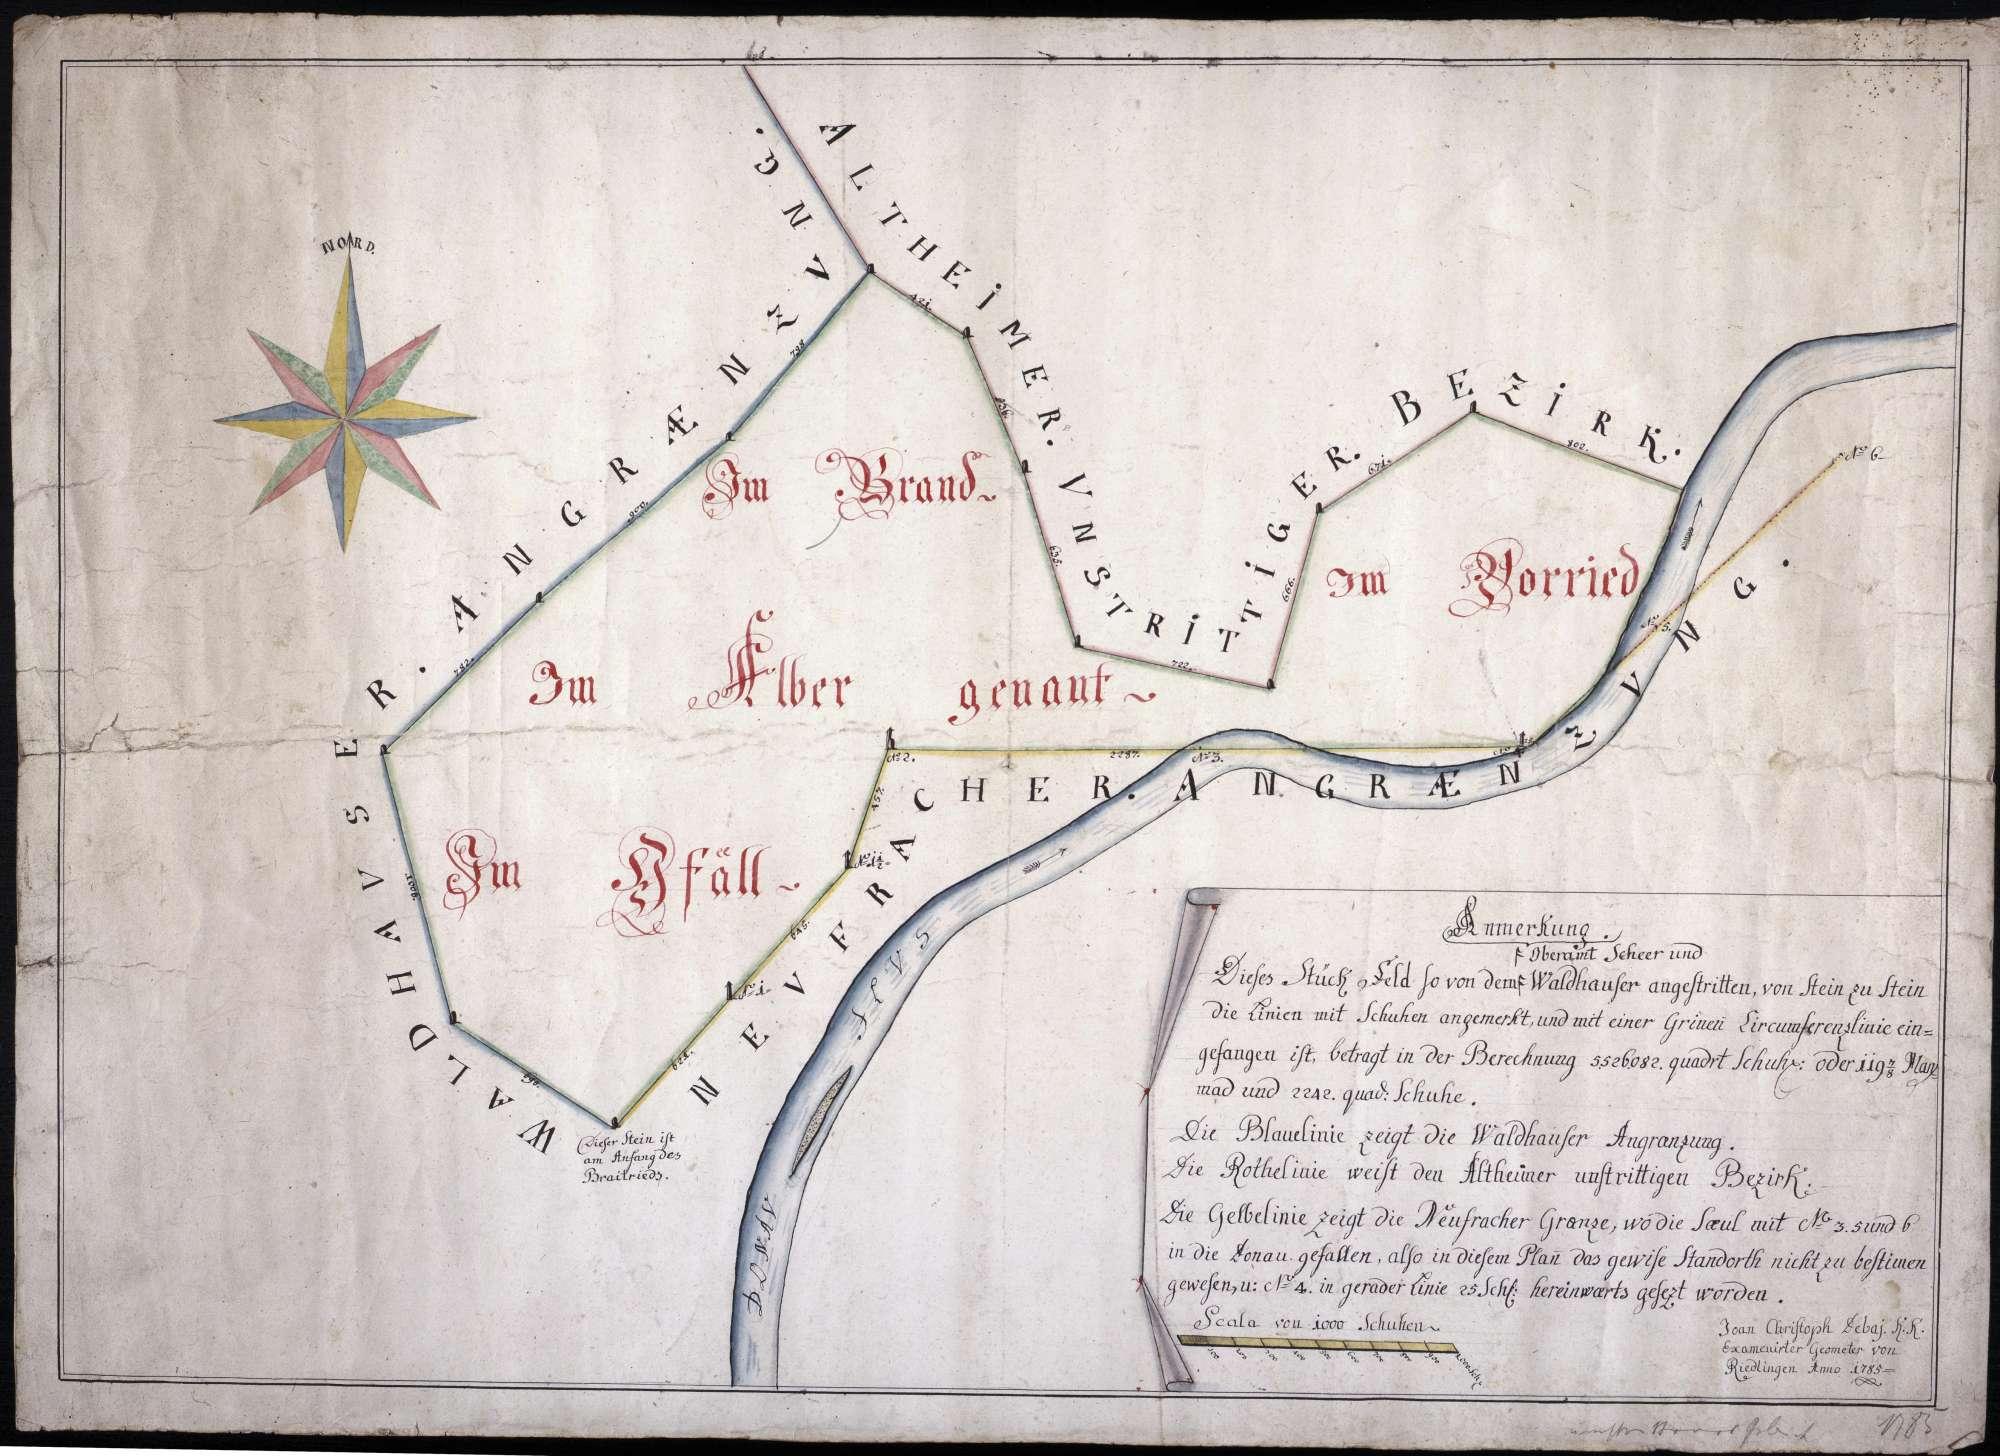 strittiges Feldstück zwischen der Gemeinde Waldhausen und dem Oberamt Scheer Maßstab ca. 1 : 3300 Zeichner Jean Christophe de Pai col. handgez., Bild 1